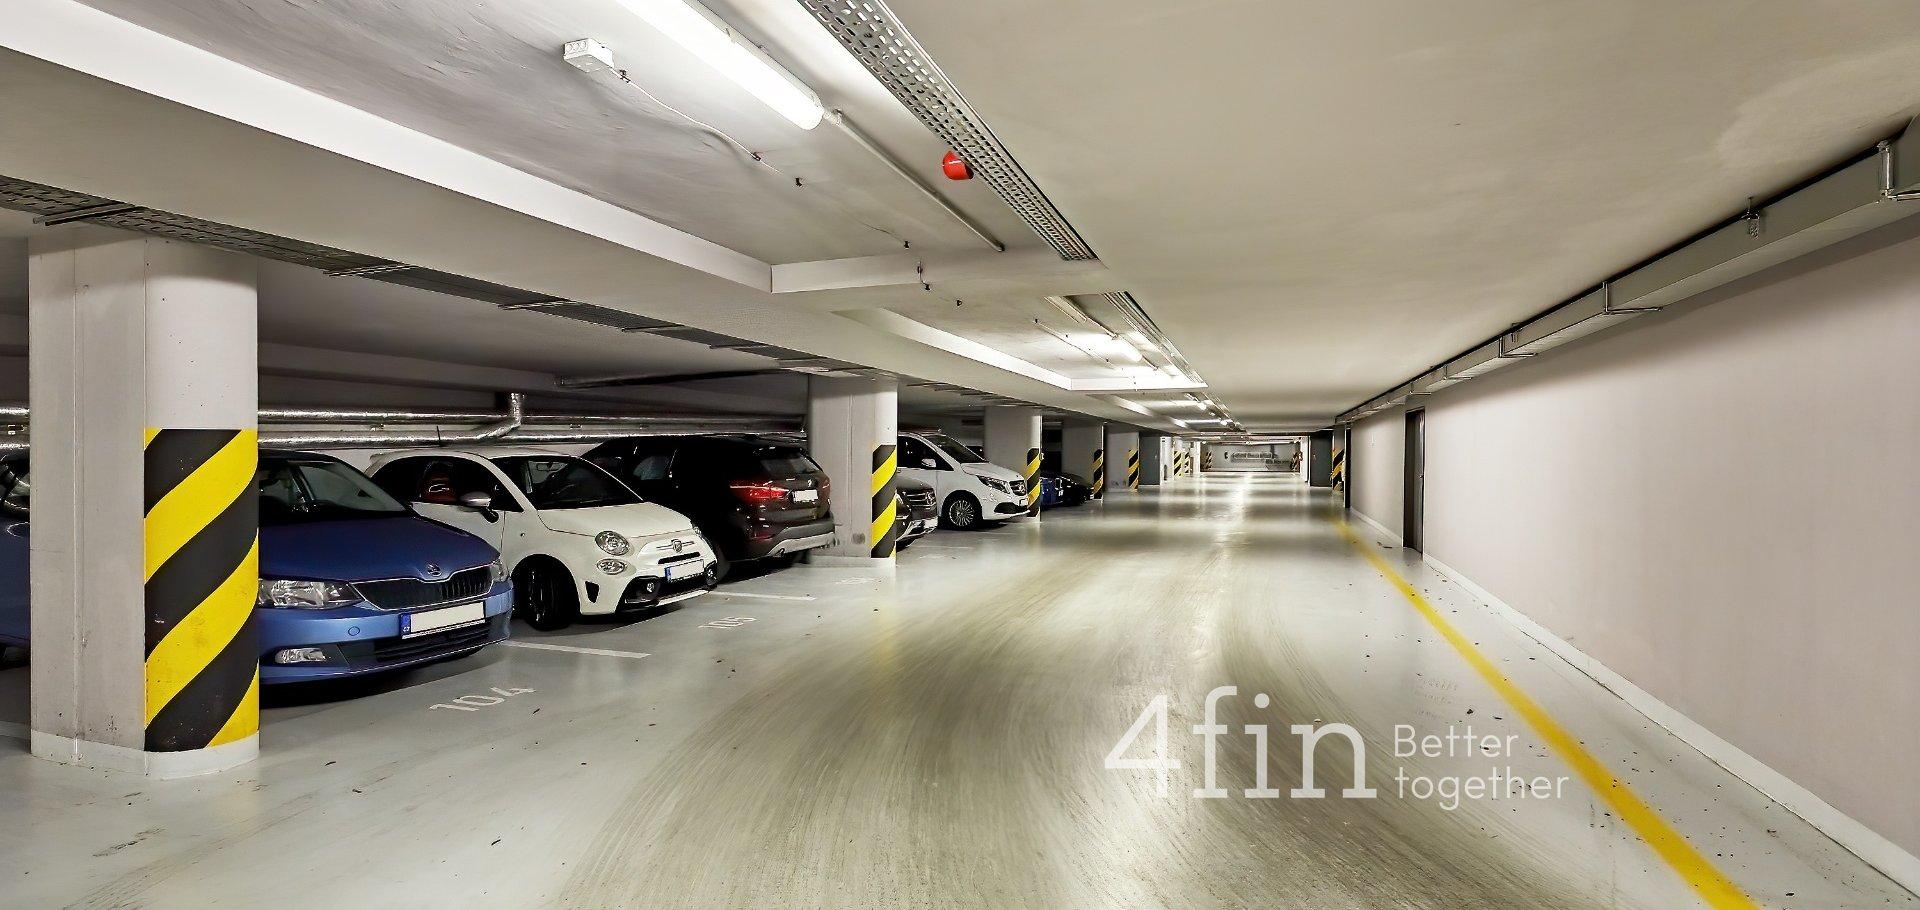 Pronájem bytu 2 + kk s parkovacím stáním, Na Maninách, Praha 7